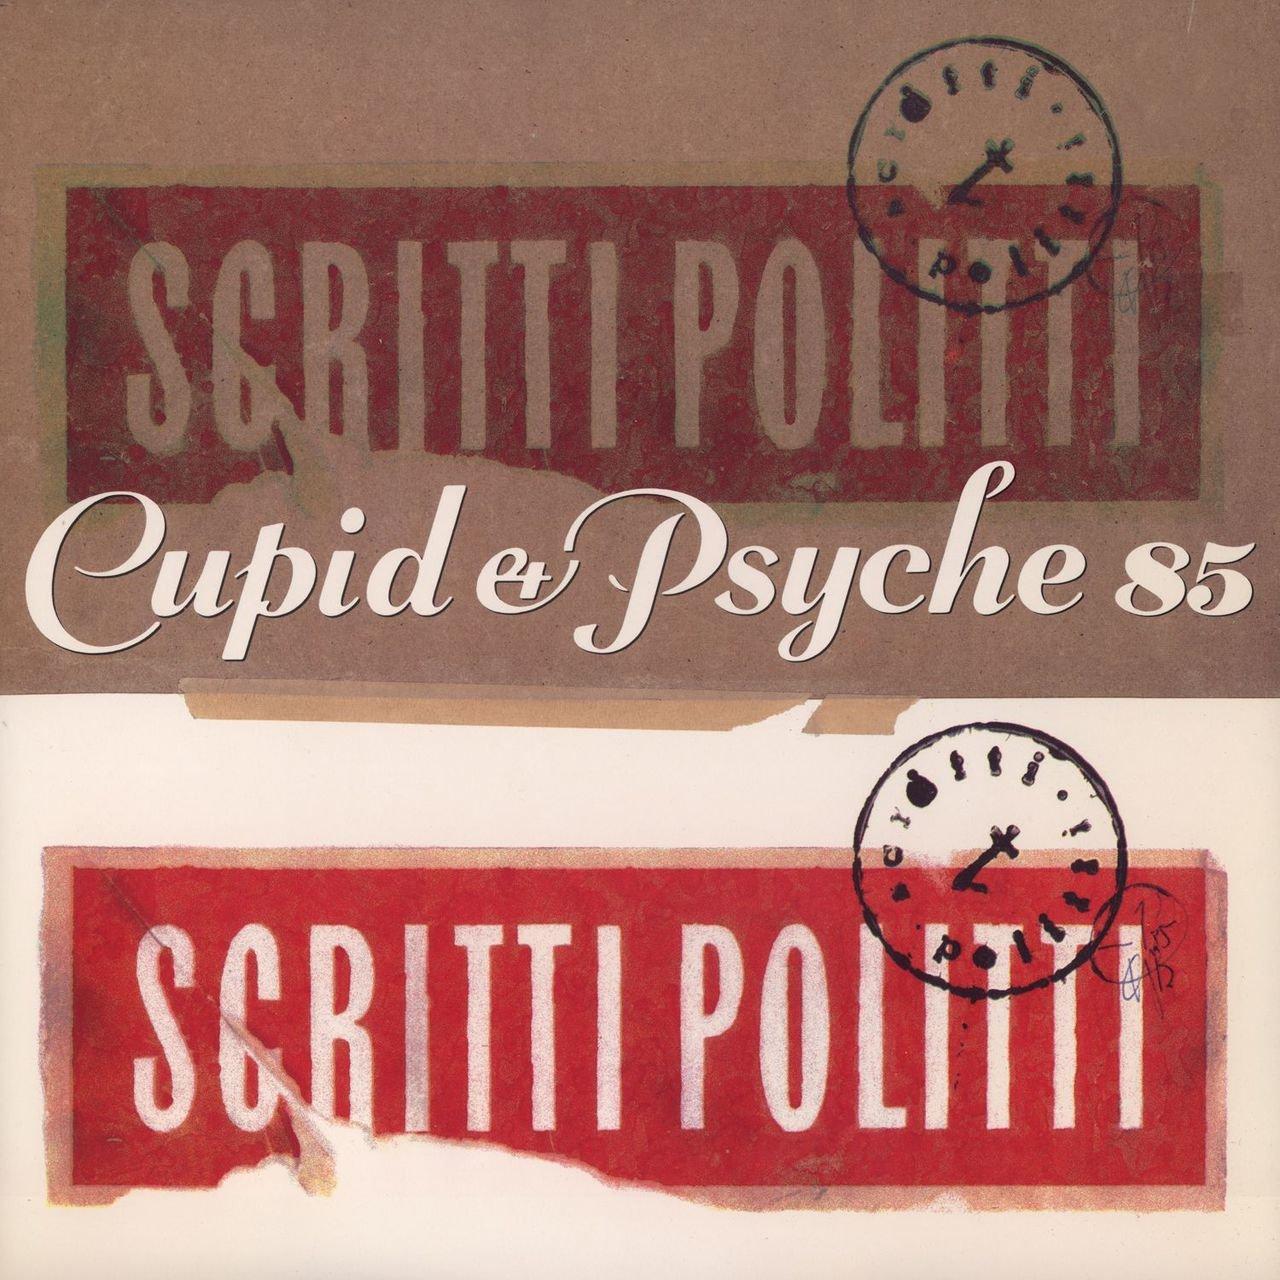 1985 Scritti Politti – Cupid & Psyche 85